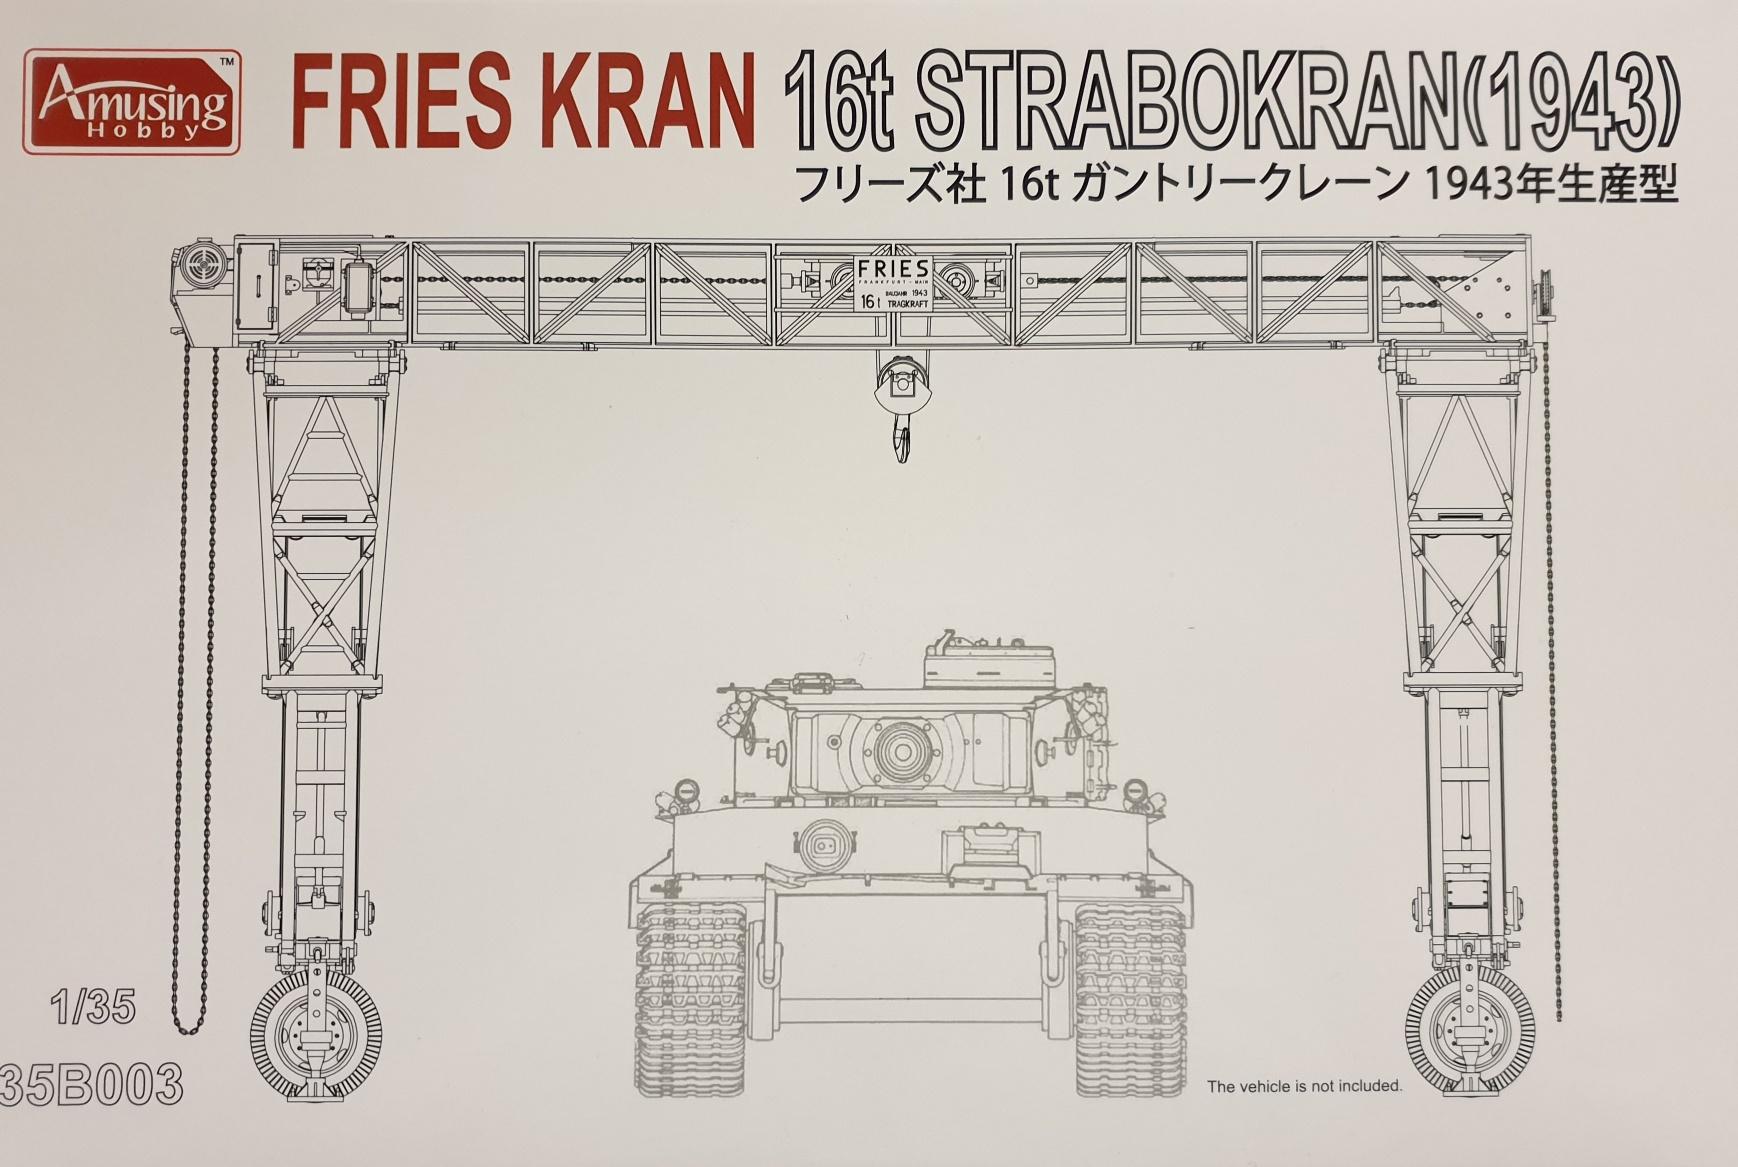 Amusing Hobby 35B003 Fries Kran 16t Strabokran (1943)